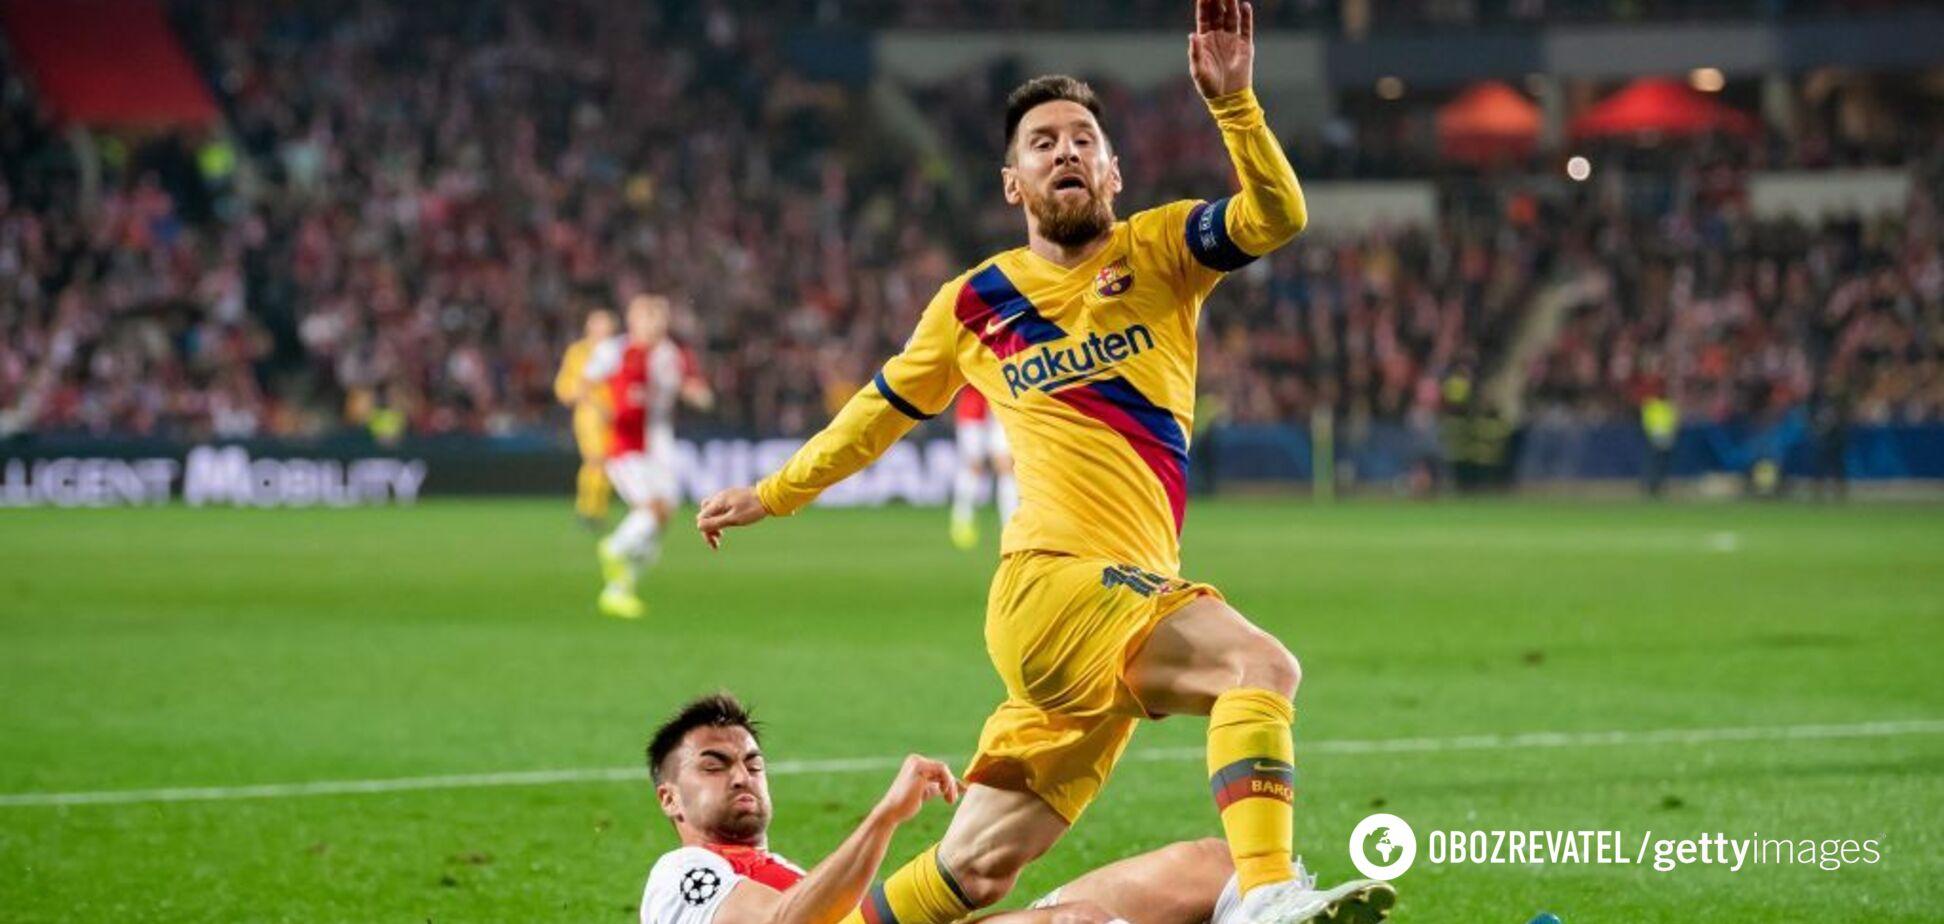 Месси установил исторический рекорд Лиги чемпионов